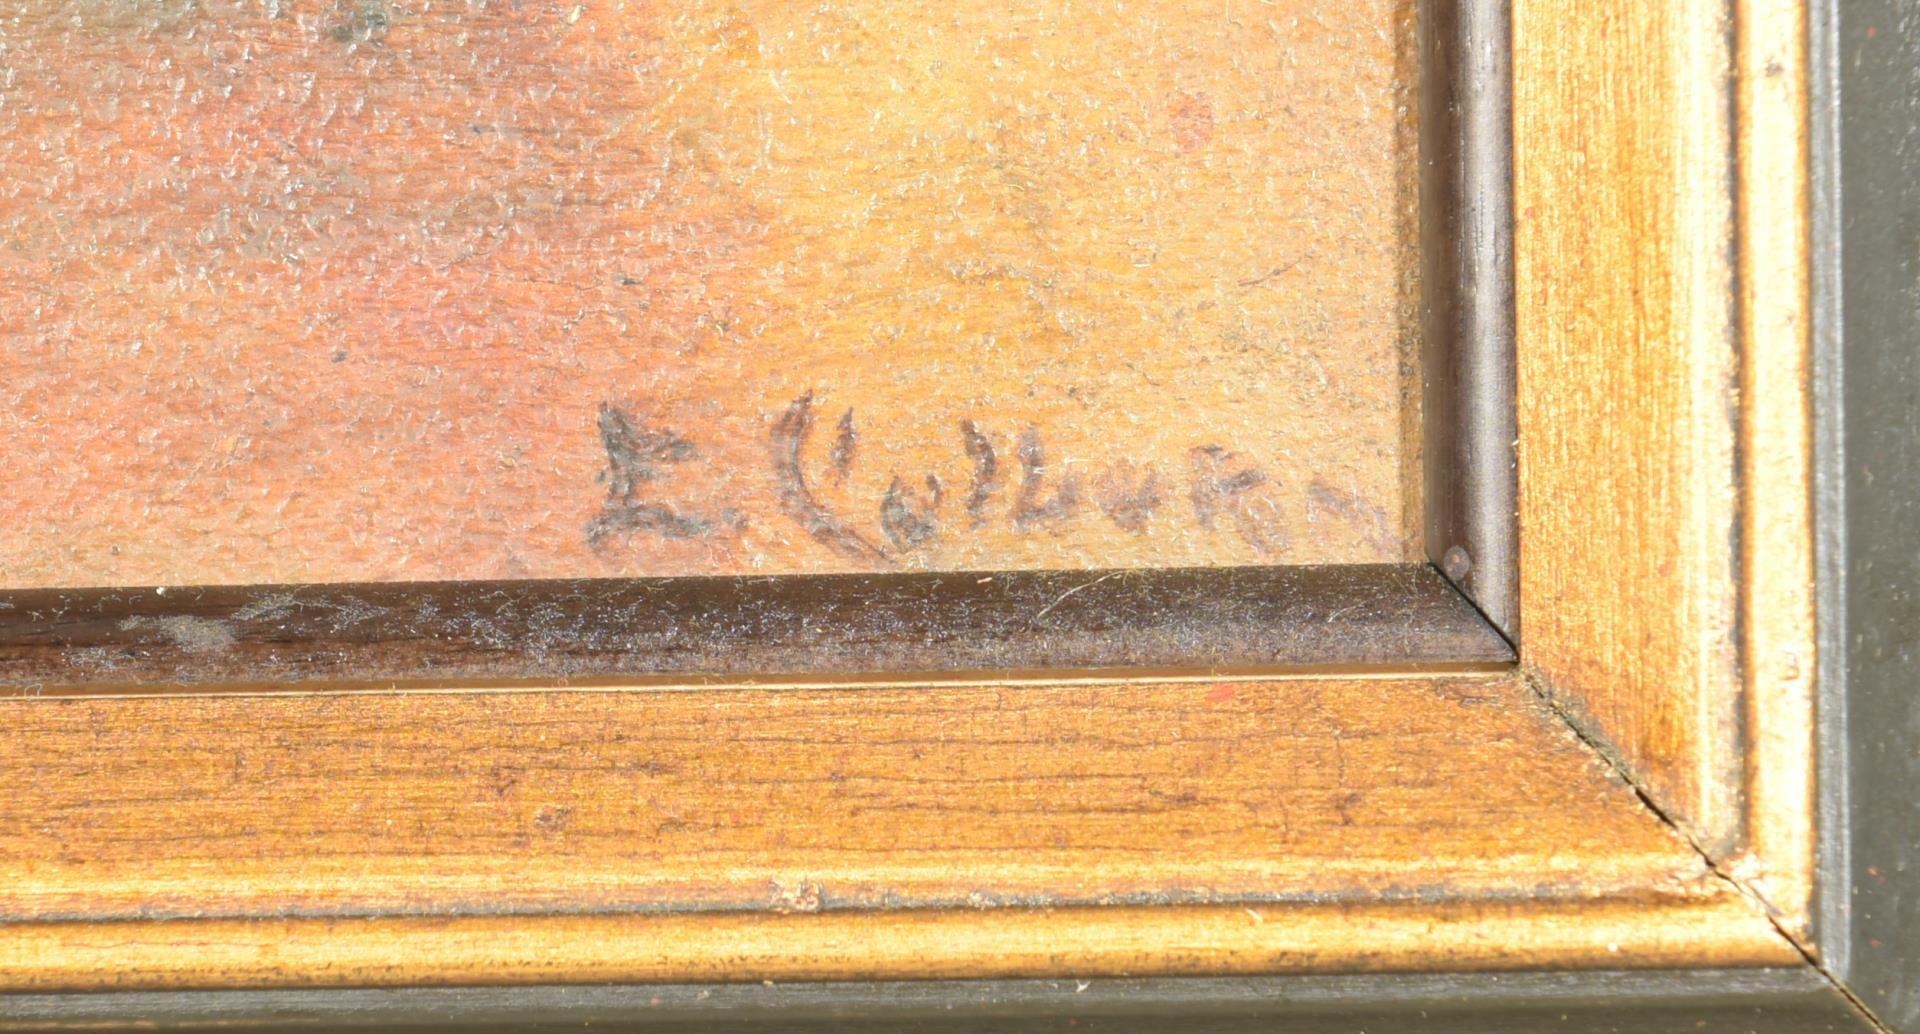 Lot 232: O/B Still Life attr. Elanor Colburn